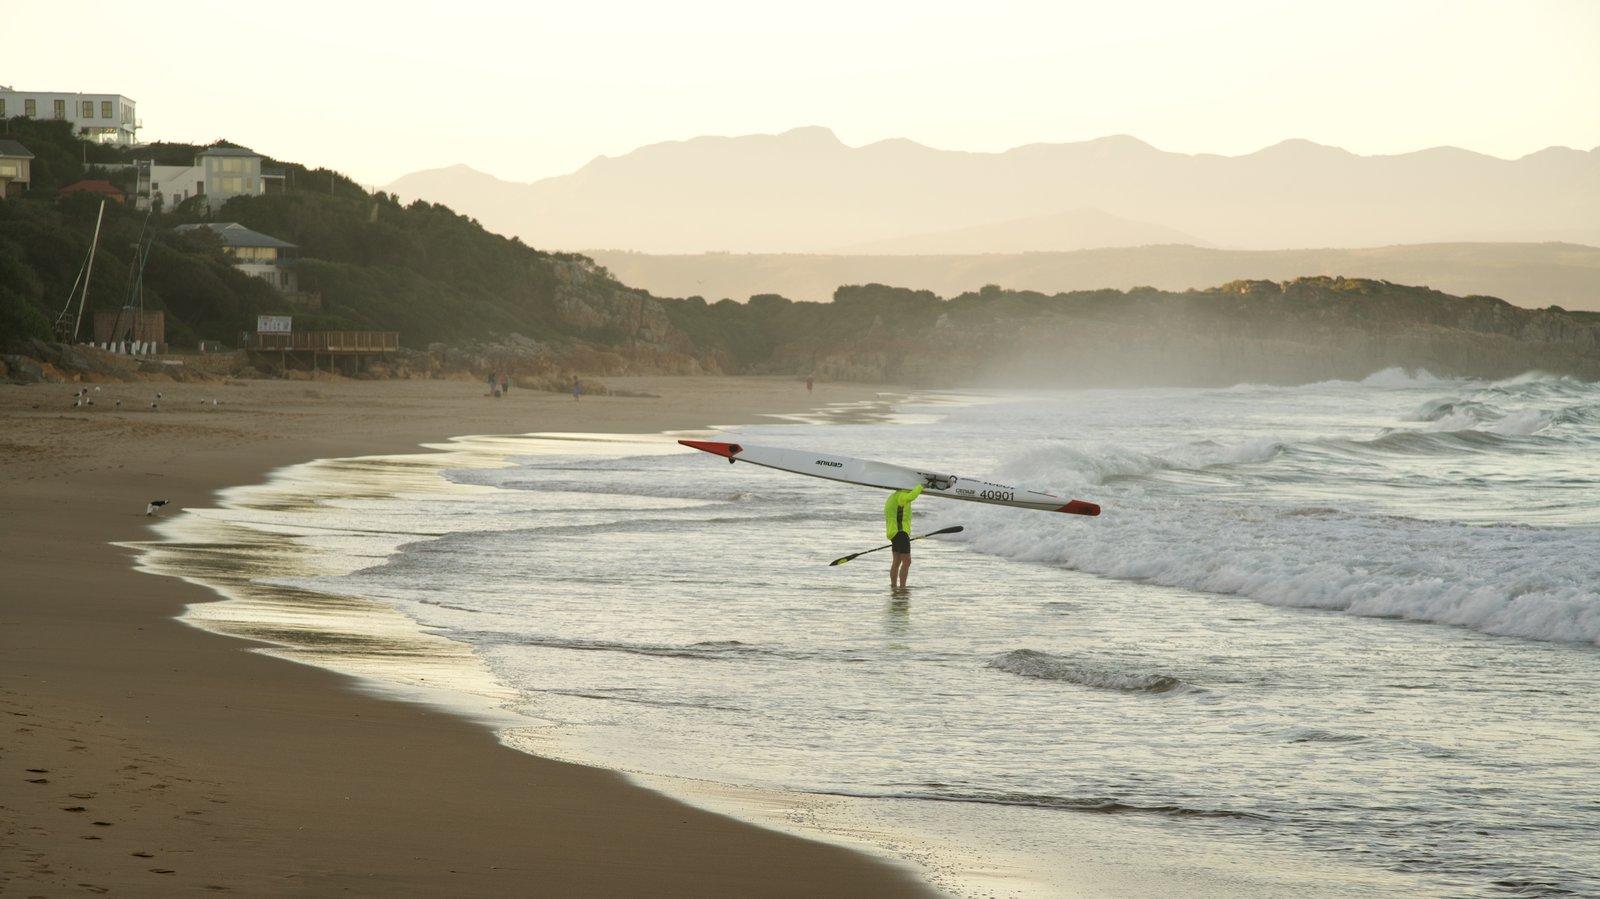 Praia da Baía Plettenberg caracterizando caiaque ou canoagem, uma praia e surfe